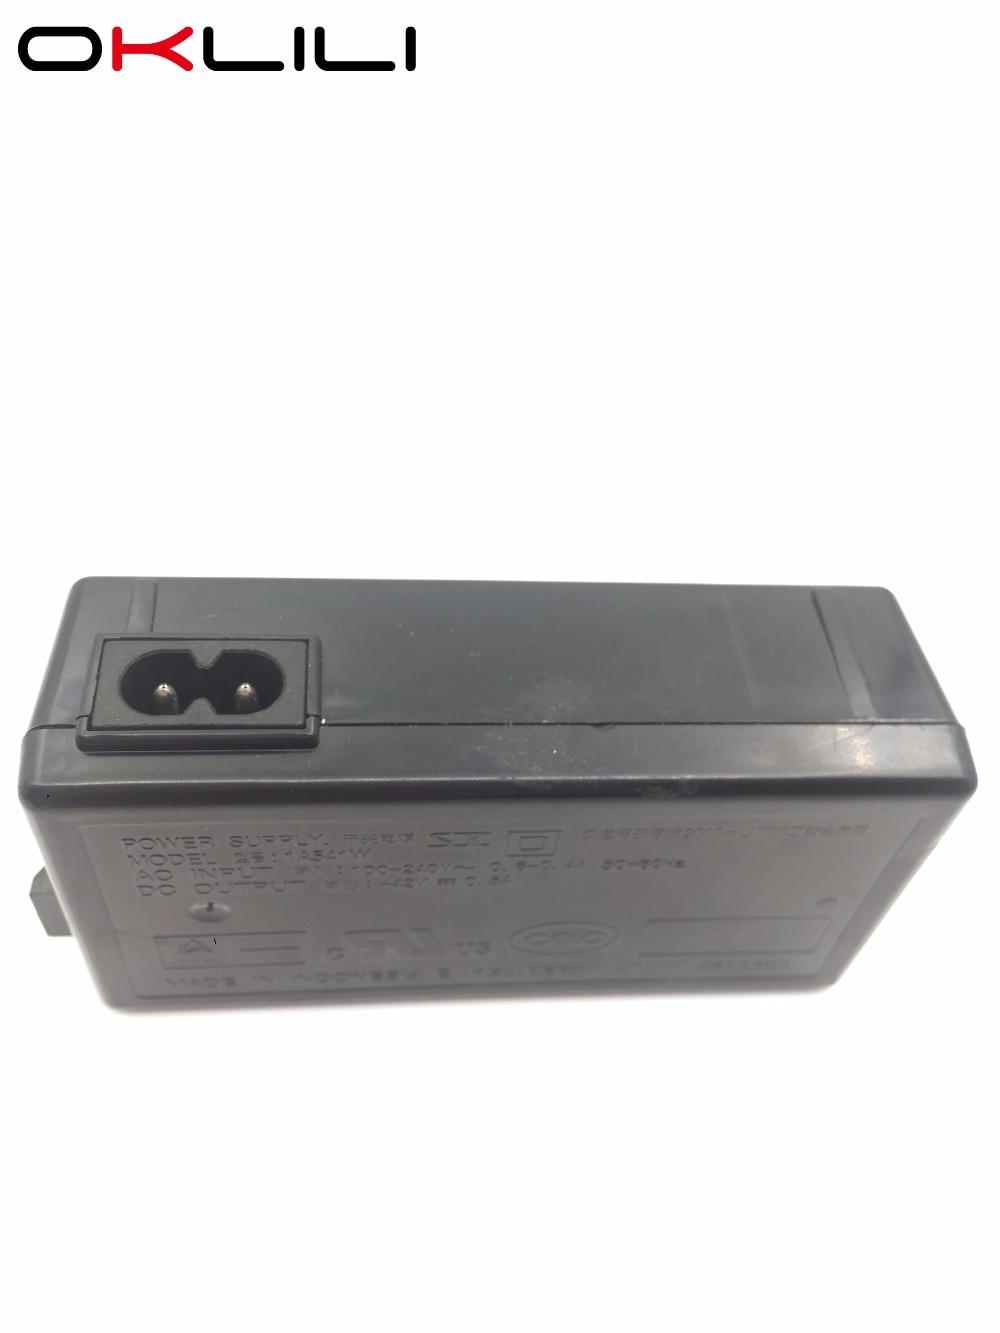 AC Alimentation Adaptateur Chargeur pour Epson L110 L120 L210 L220 L300 L310 L350 L355 L360 L365 L455 L555 L565 l100 L132 L130 L222